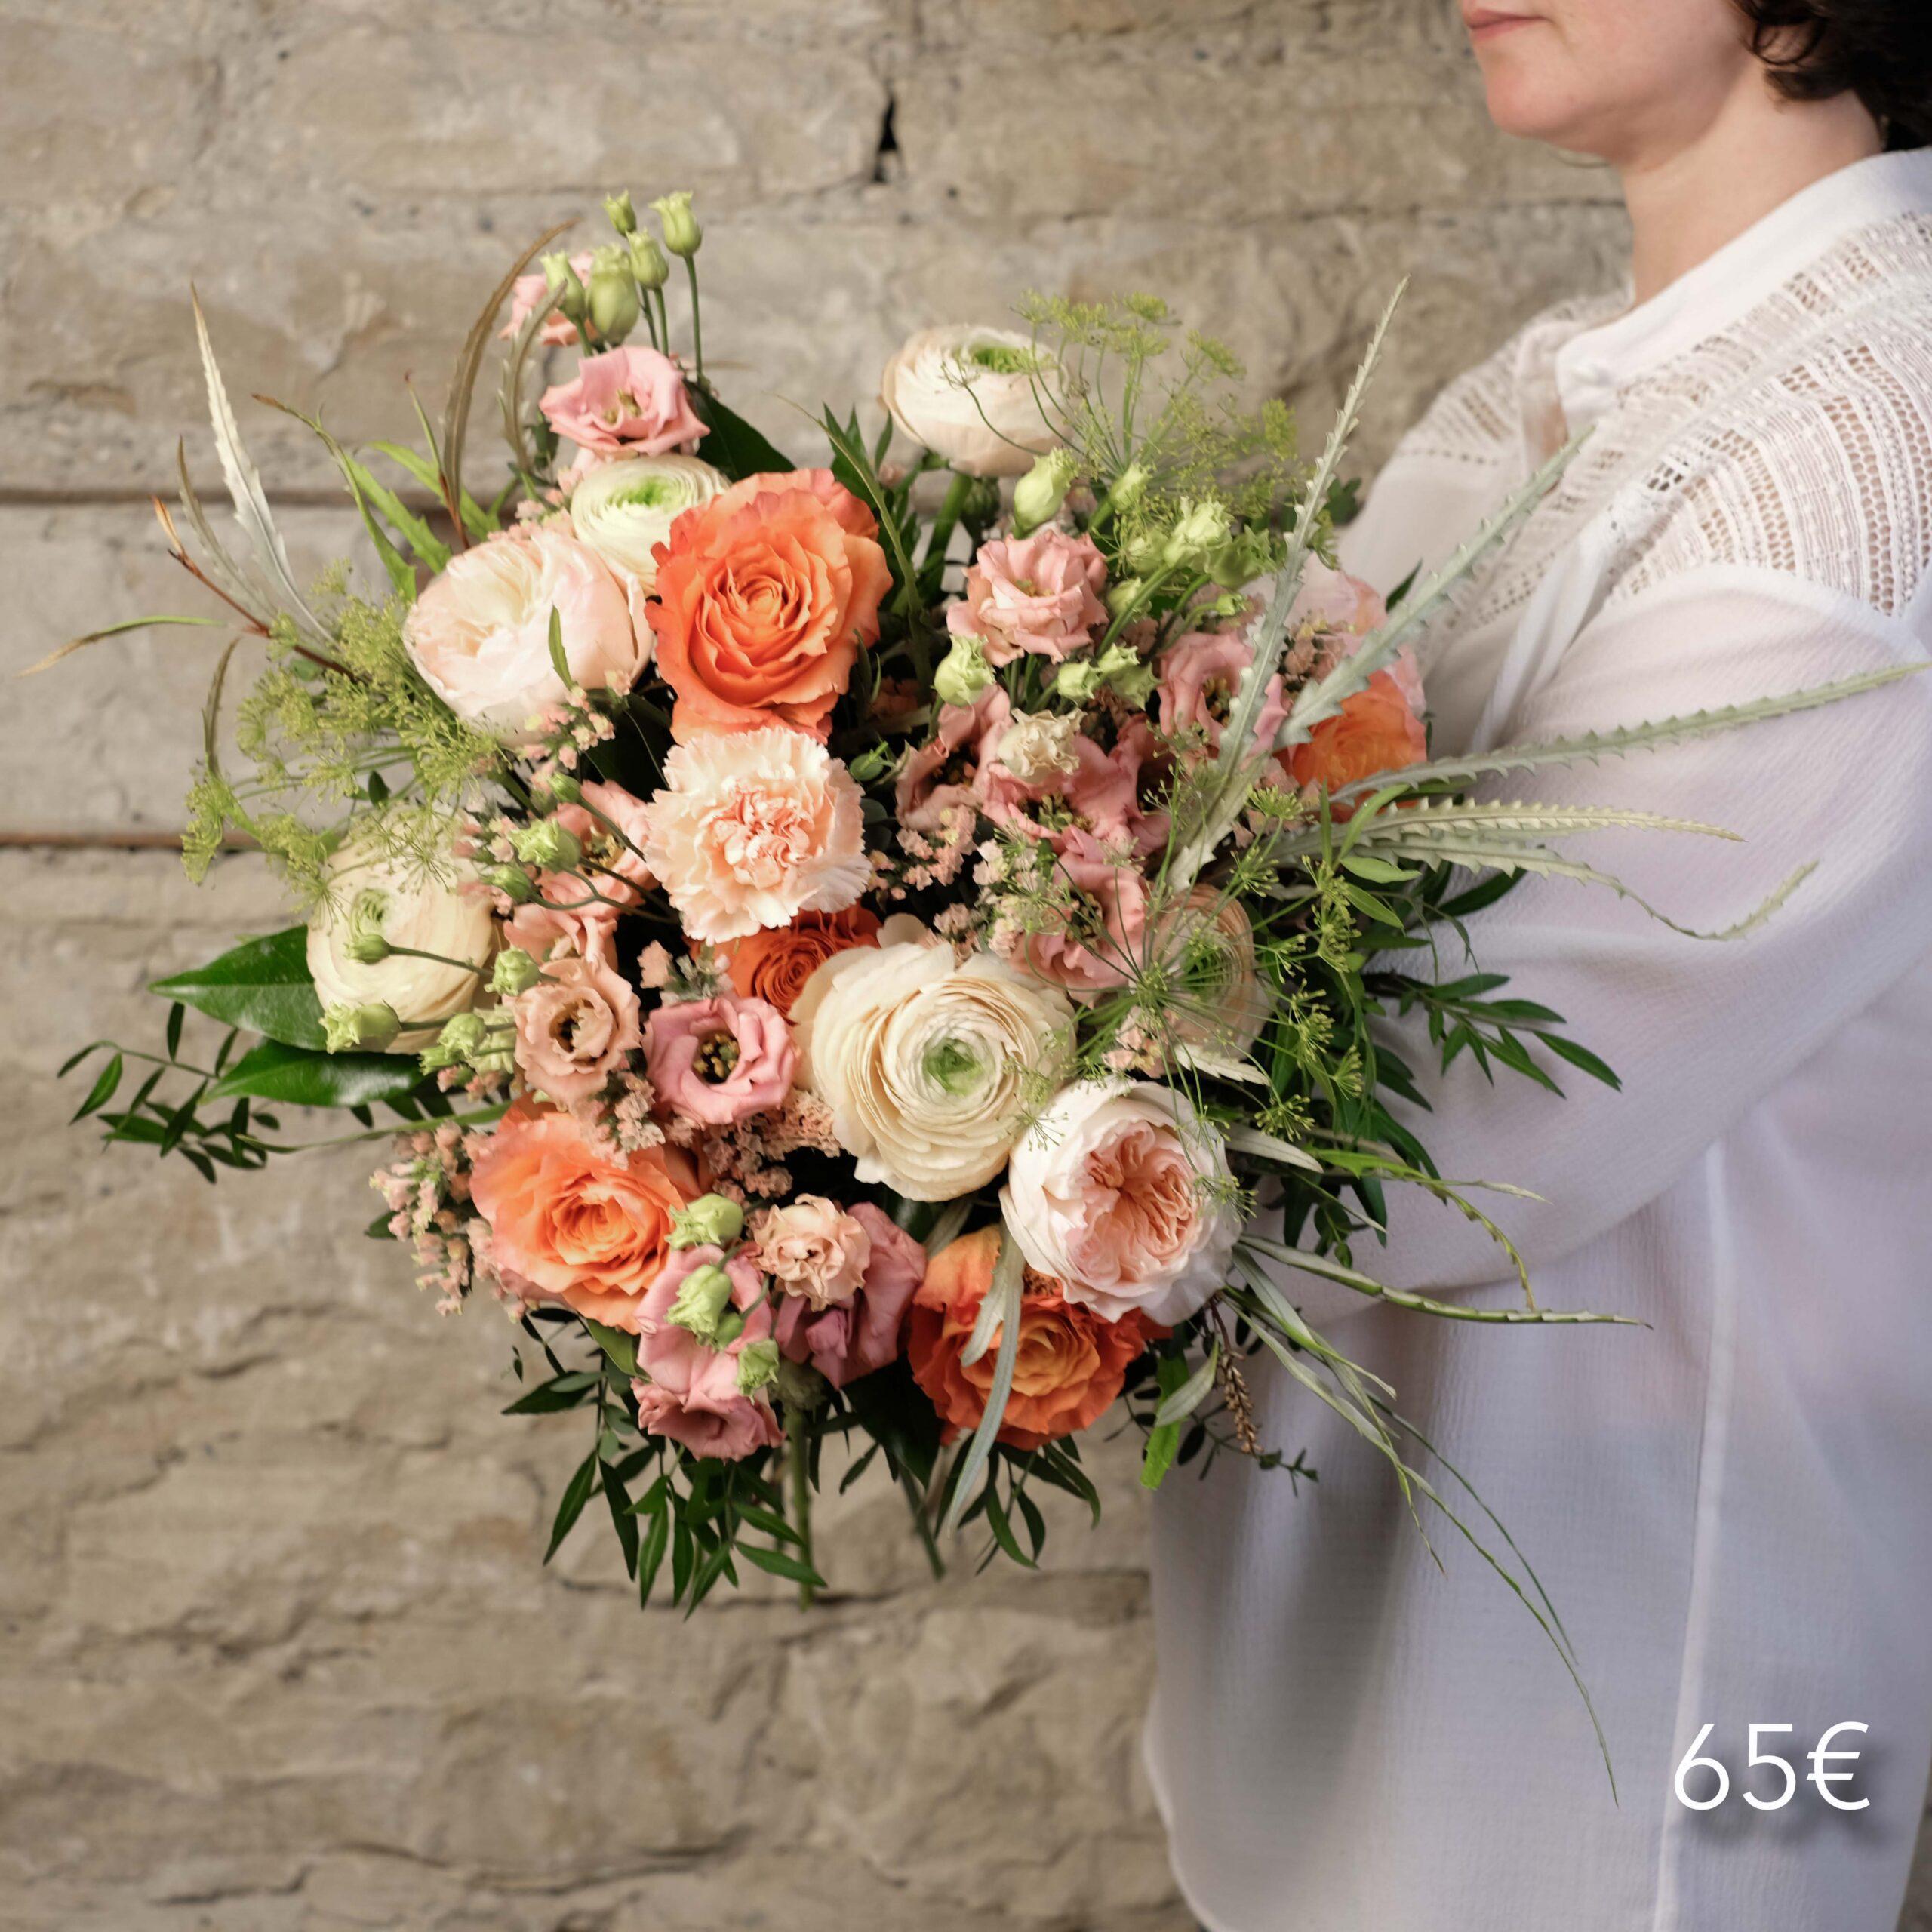 bouquet-pecher-mignon-65-atelier-lavarenne-fleuriste-lyon